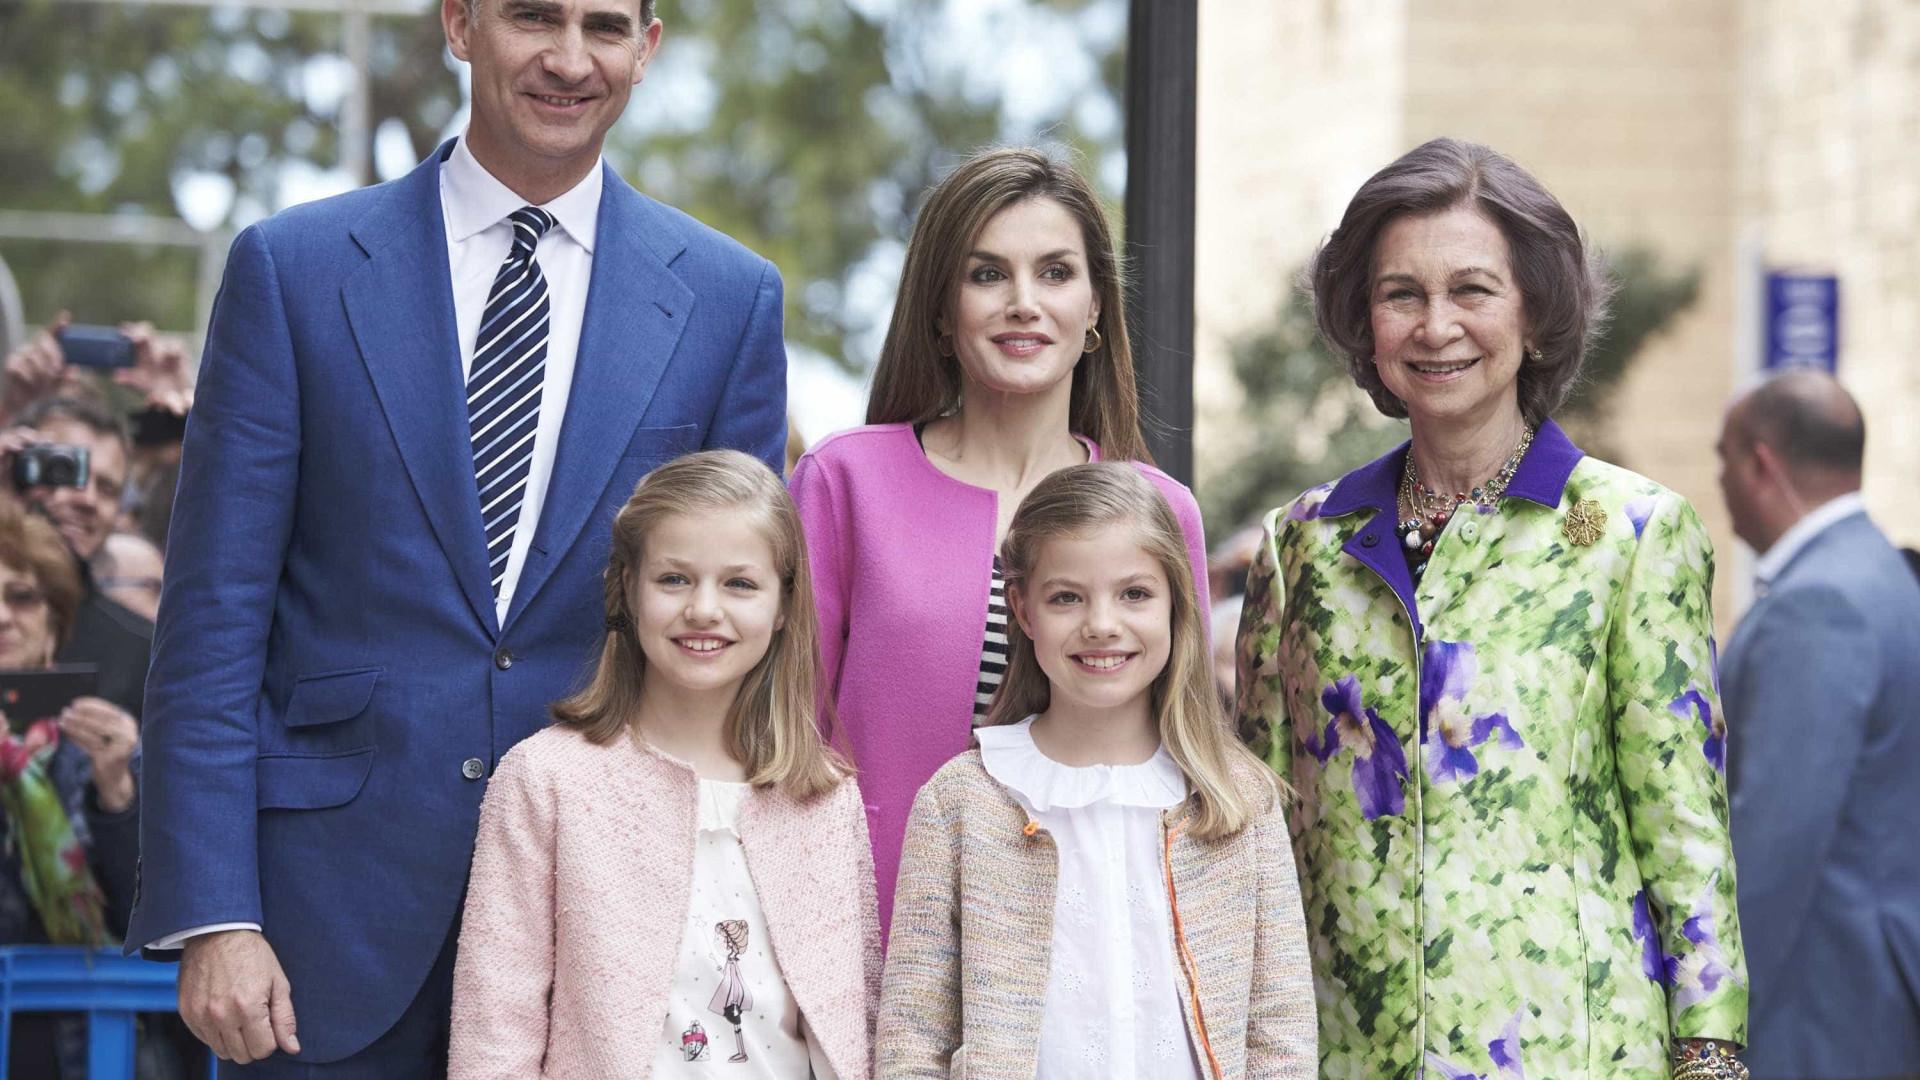 Vídeo: Rainha Sofia e Letizia se desentendem em público na Espanha